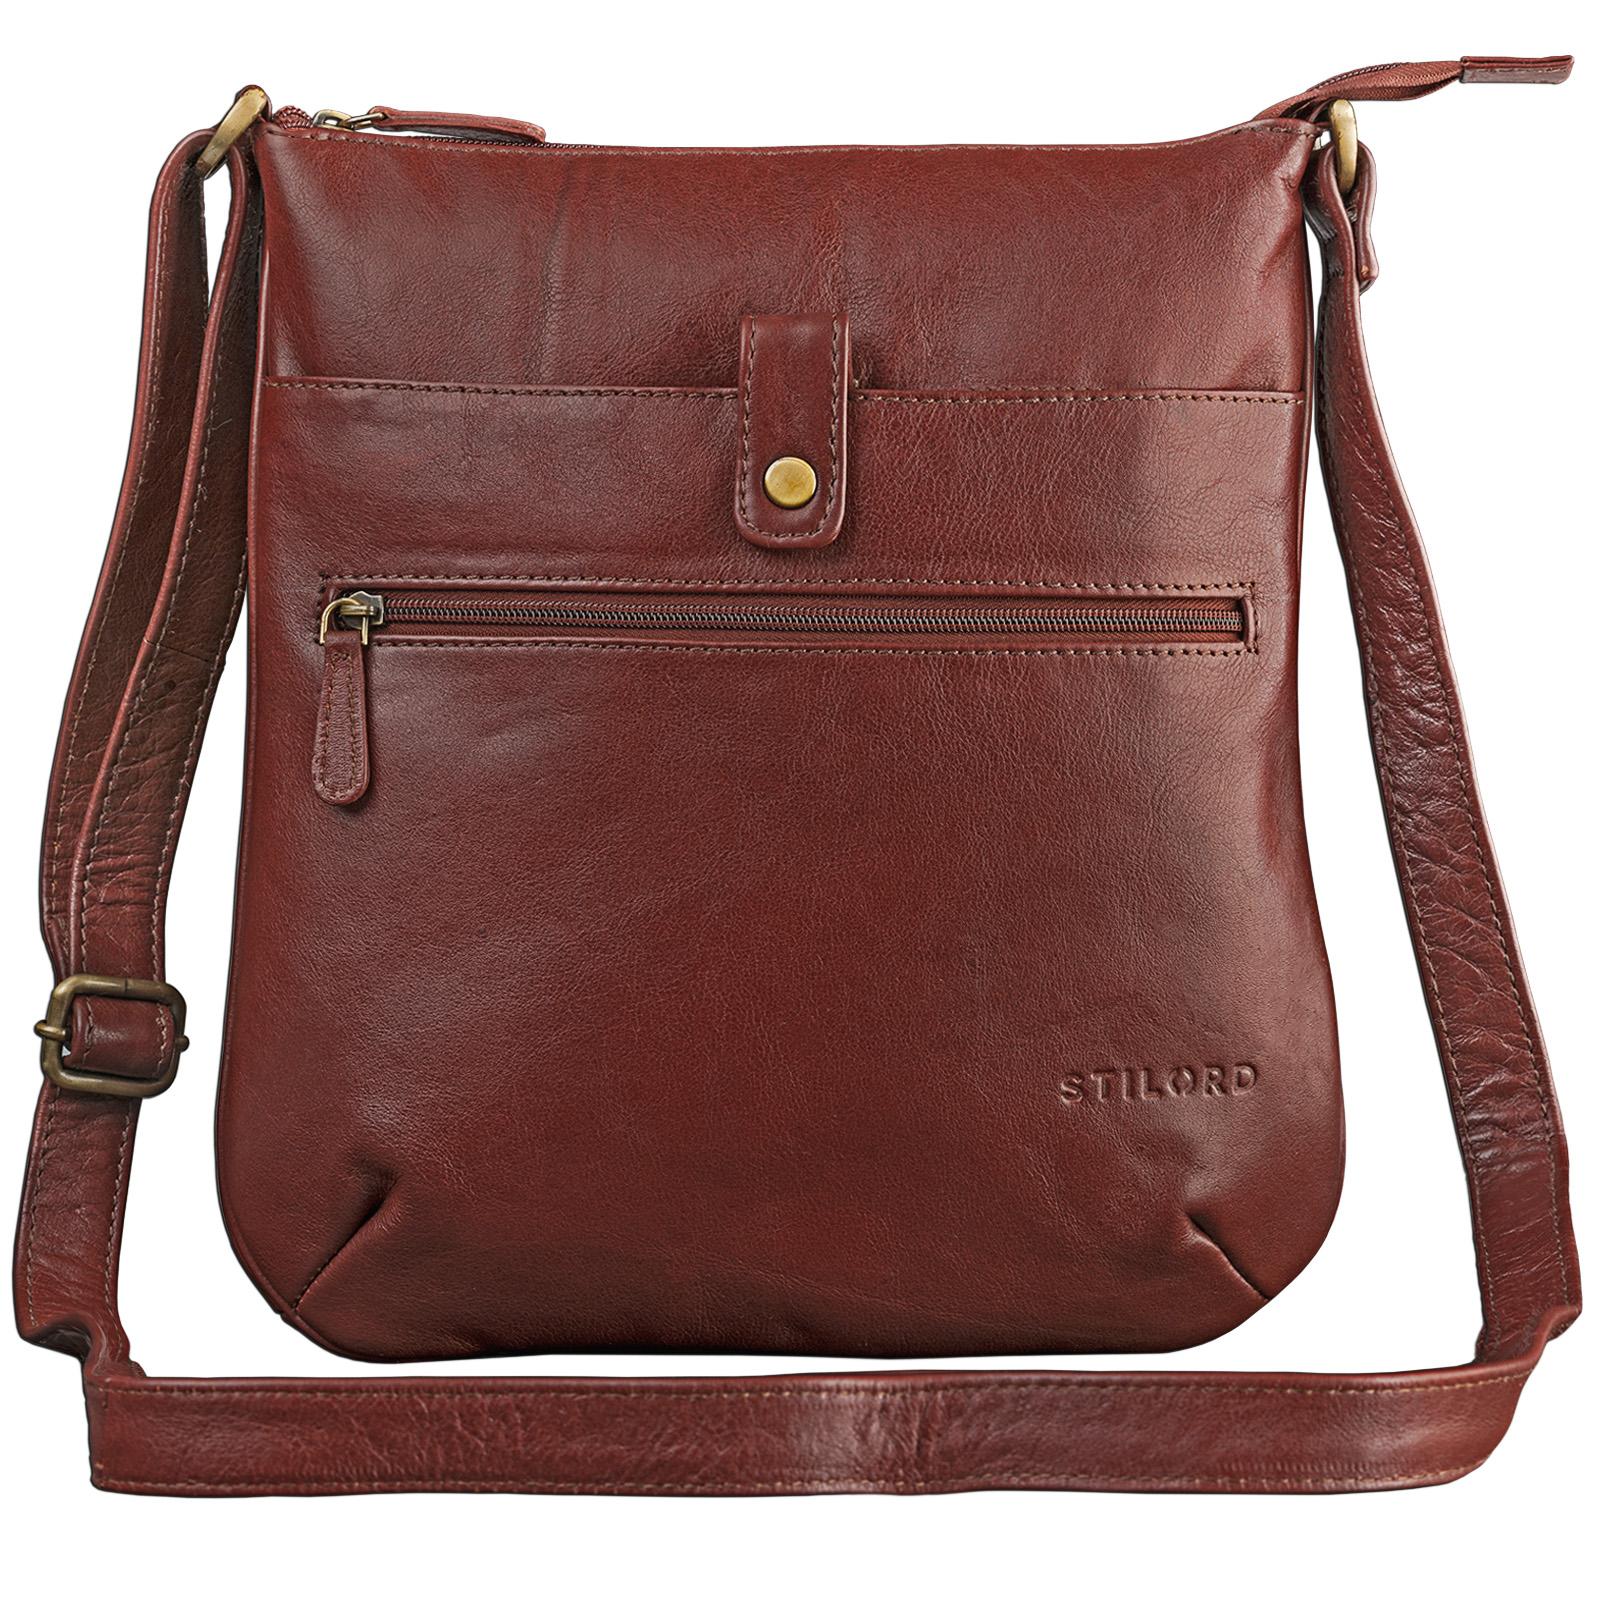 """STILORD """"Lina"""" Elegante Vintage Damen Umhängetasche Schultertasche klein Abendtasche klassische Handtasche 10.1 Zoll Tablettasche echtes Leder - Bild 1"""